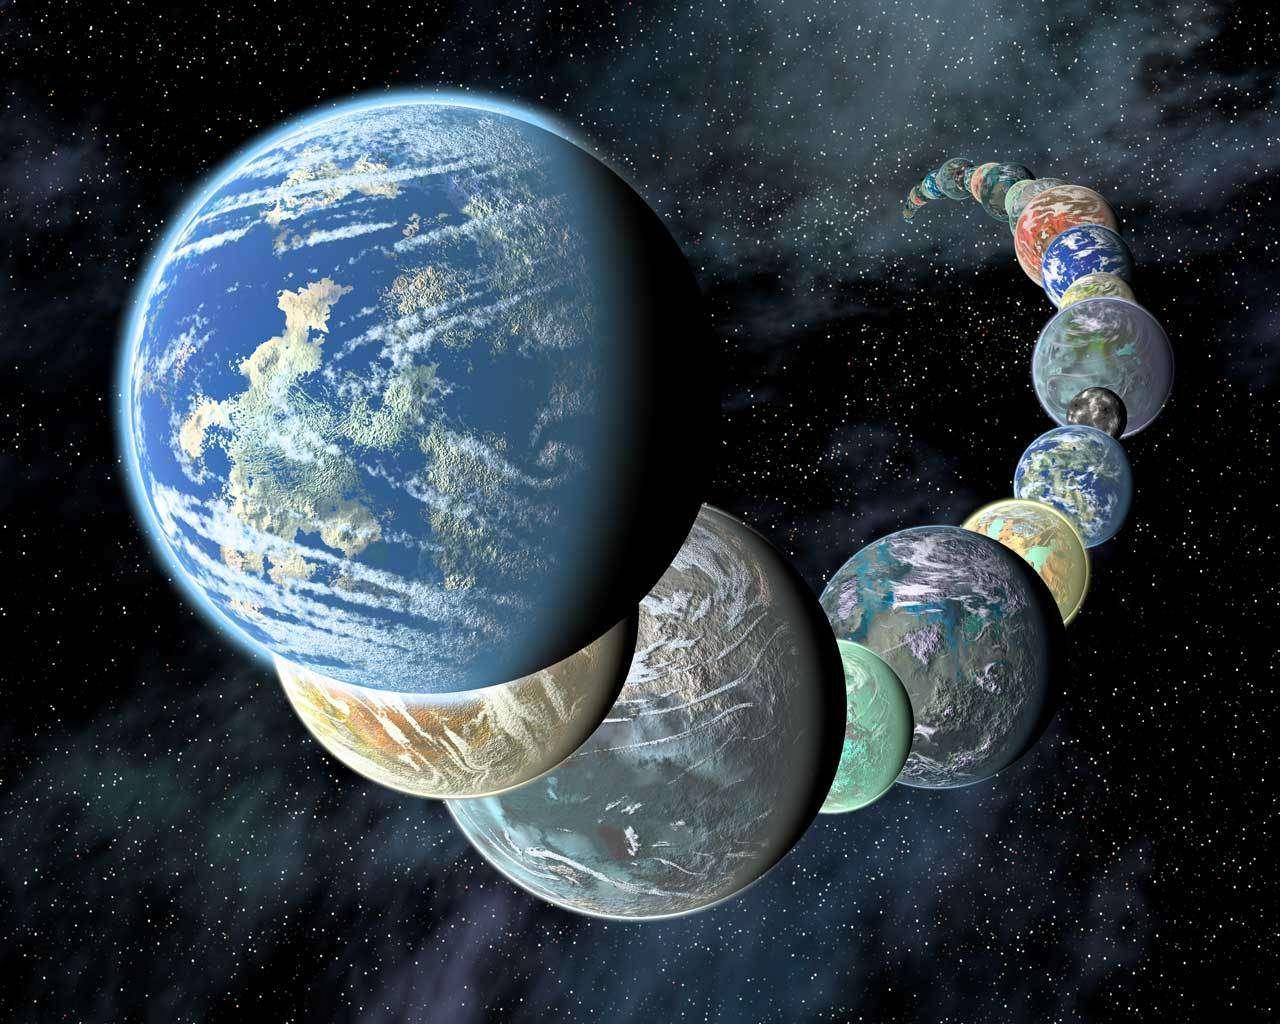 Le compteur des exoplanètes a dépassé la barre des 4.000. Dans le lot se cachent certainement un cortège de mondes potentiellement habitables, telles que les exoplanètes imaginées ici dans cette vue d'artiste. © Nasa/JPL-Caltech/R. Hurt (SSC-Caltech)